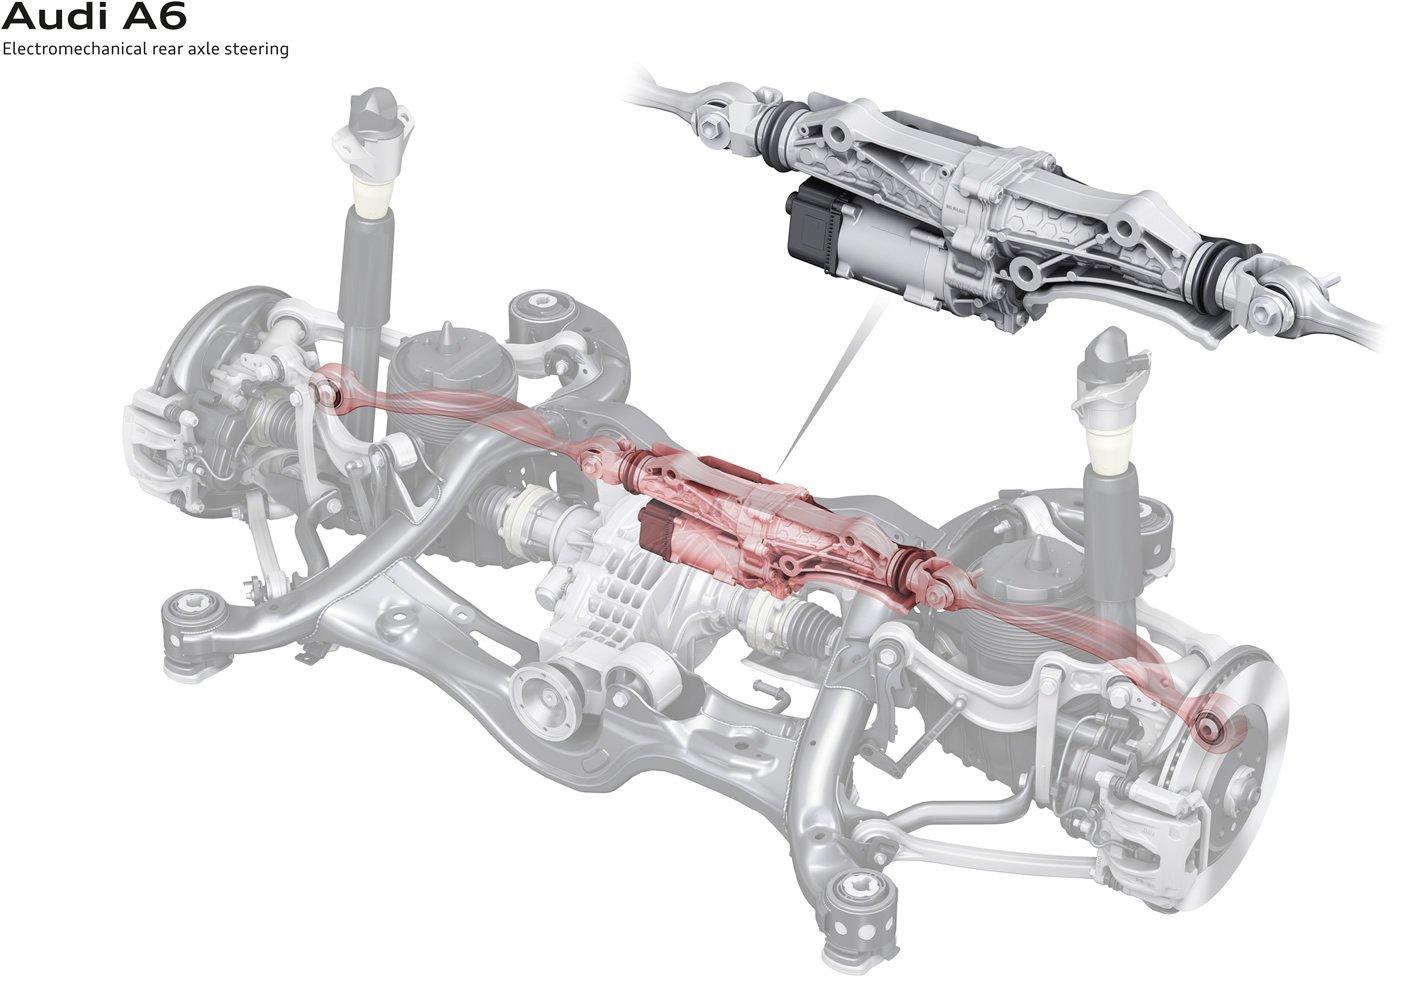 Audi A6 - tylna oś skrętna